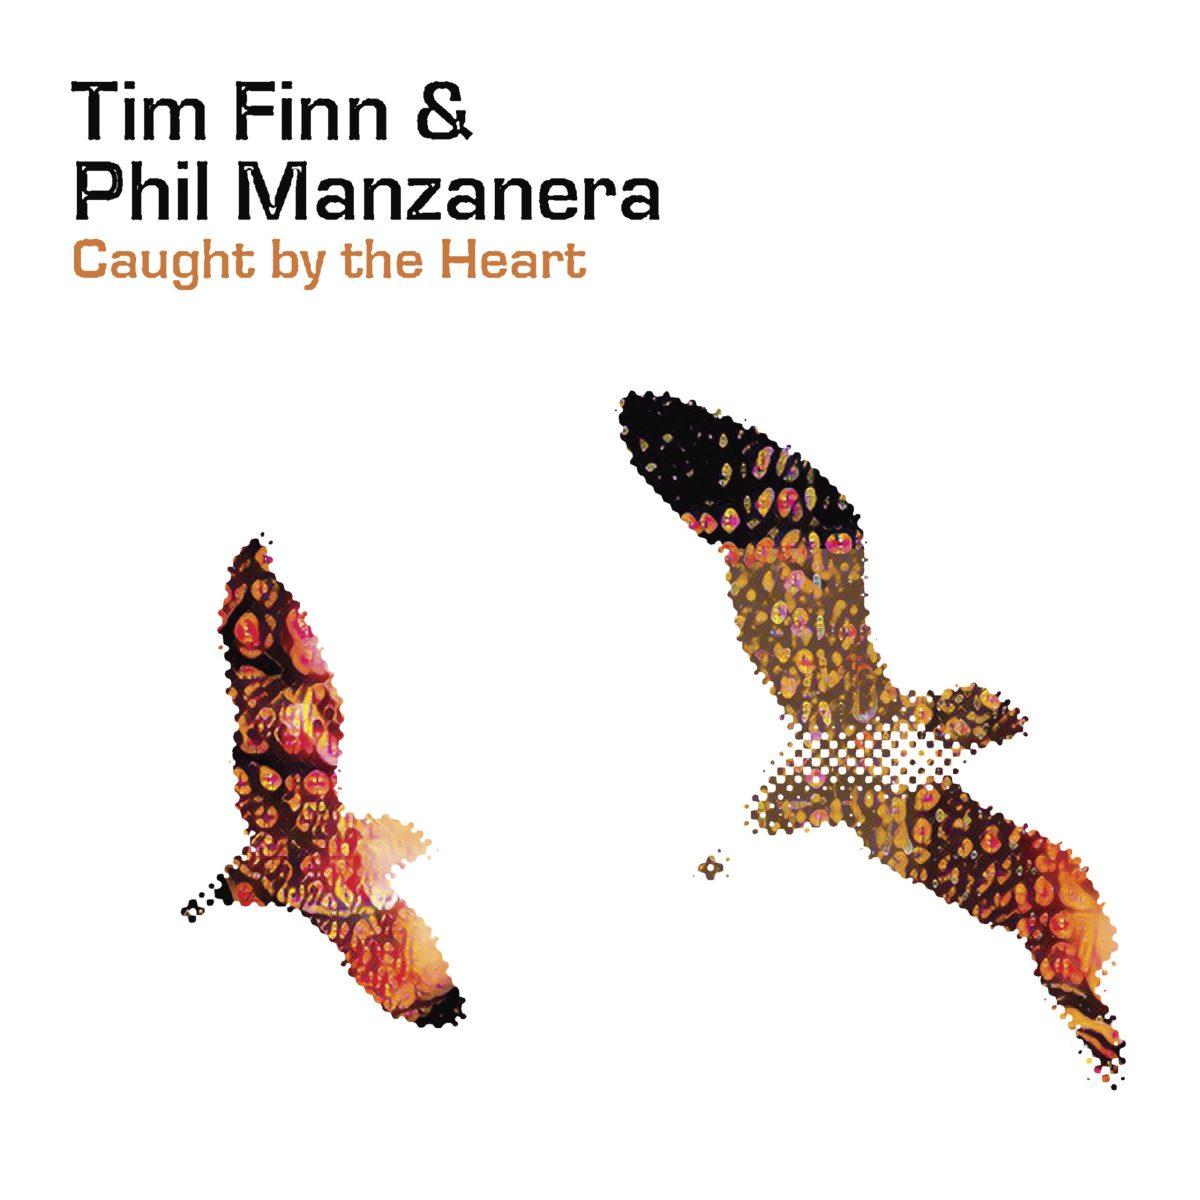 38 - Tim Finn & Phil Manzanera - Caught by the Heart